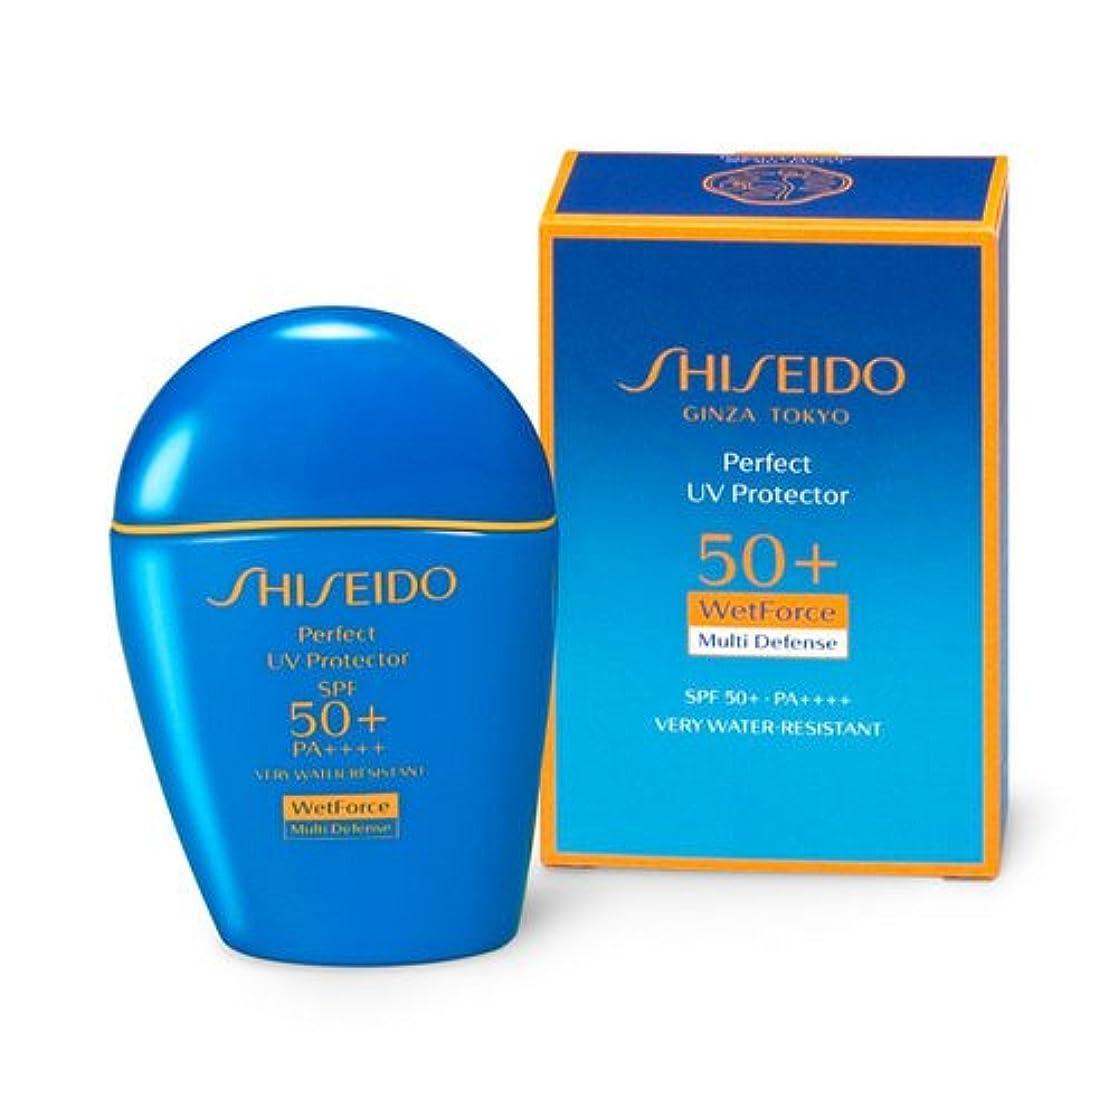 経験的タイムリーな成長SHISEIDO Suncare(資生堂 サンケア) SHISEIDO(資生堂) パーフェクト UVプロテクター 50mL